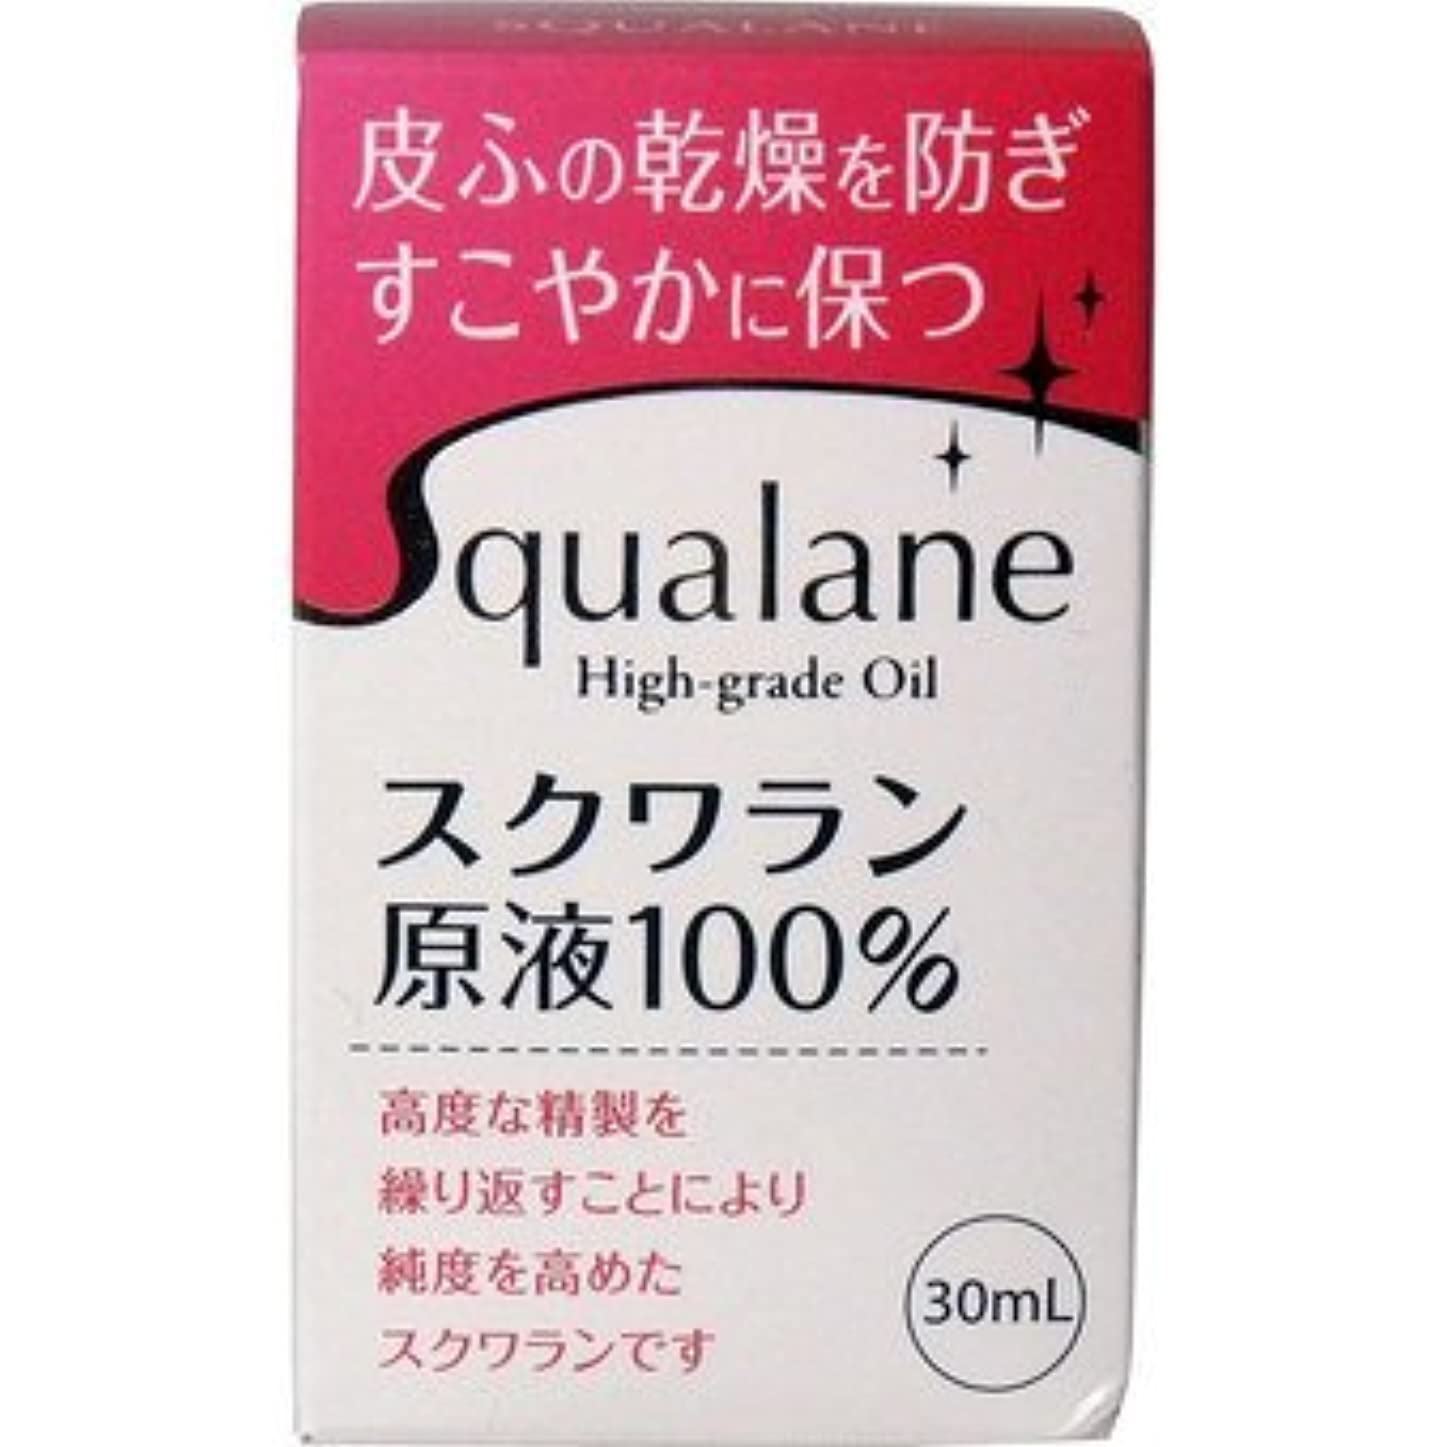 報いる古くなった一過性スクワラン原液 100% 30ml ×5個セット